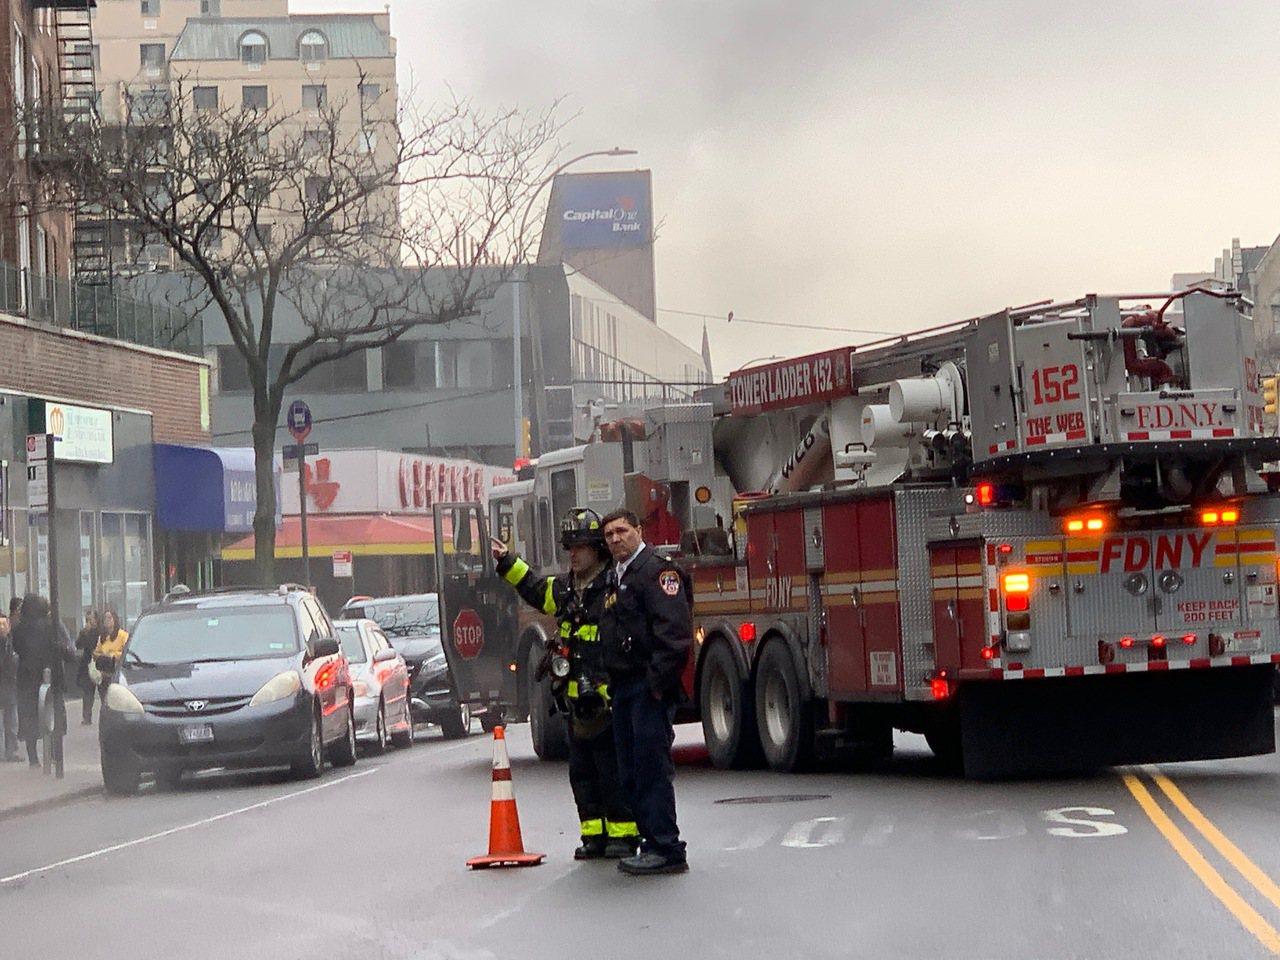 法拉盛鬧區街頭8日下午突然有人孔蓋冒出濃煙,引發周邊商家和行人緊張走避,警方和大...